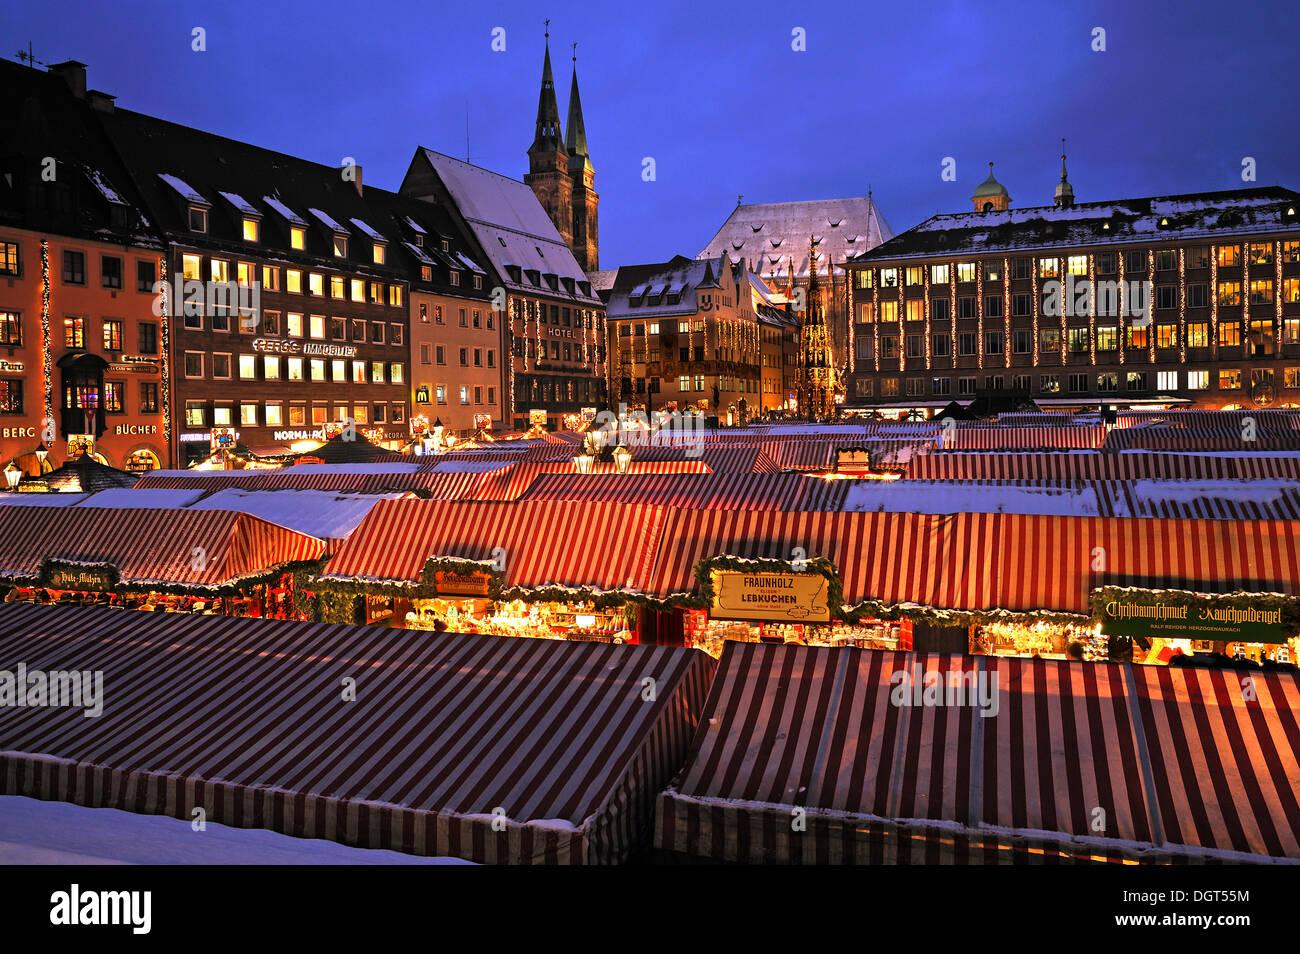 Illuminated Nuremberg Christmas market, Town Hall, Schoene Brunnen ...